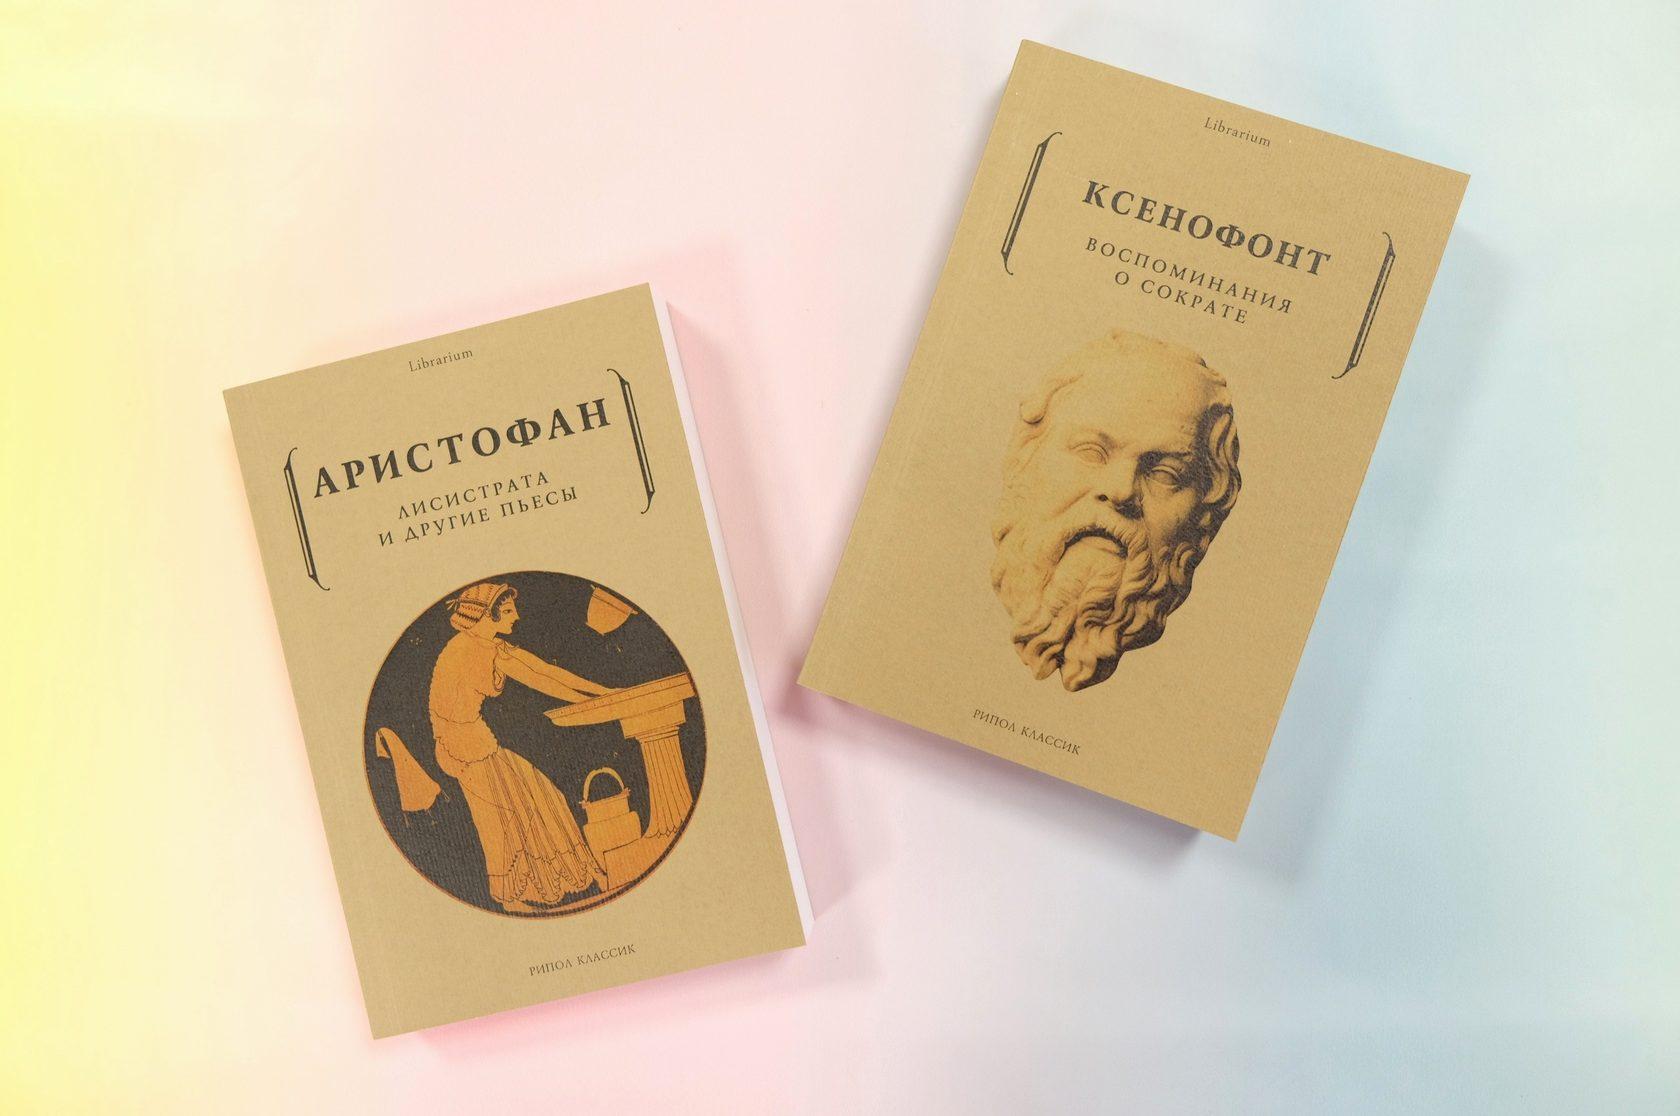 Аристофан «Лисистрата и другие пьесы». Ксенофонт «Воспоминания о Сократе».